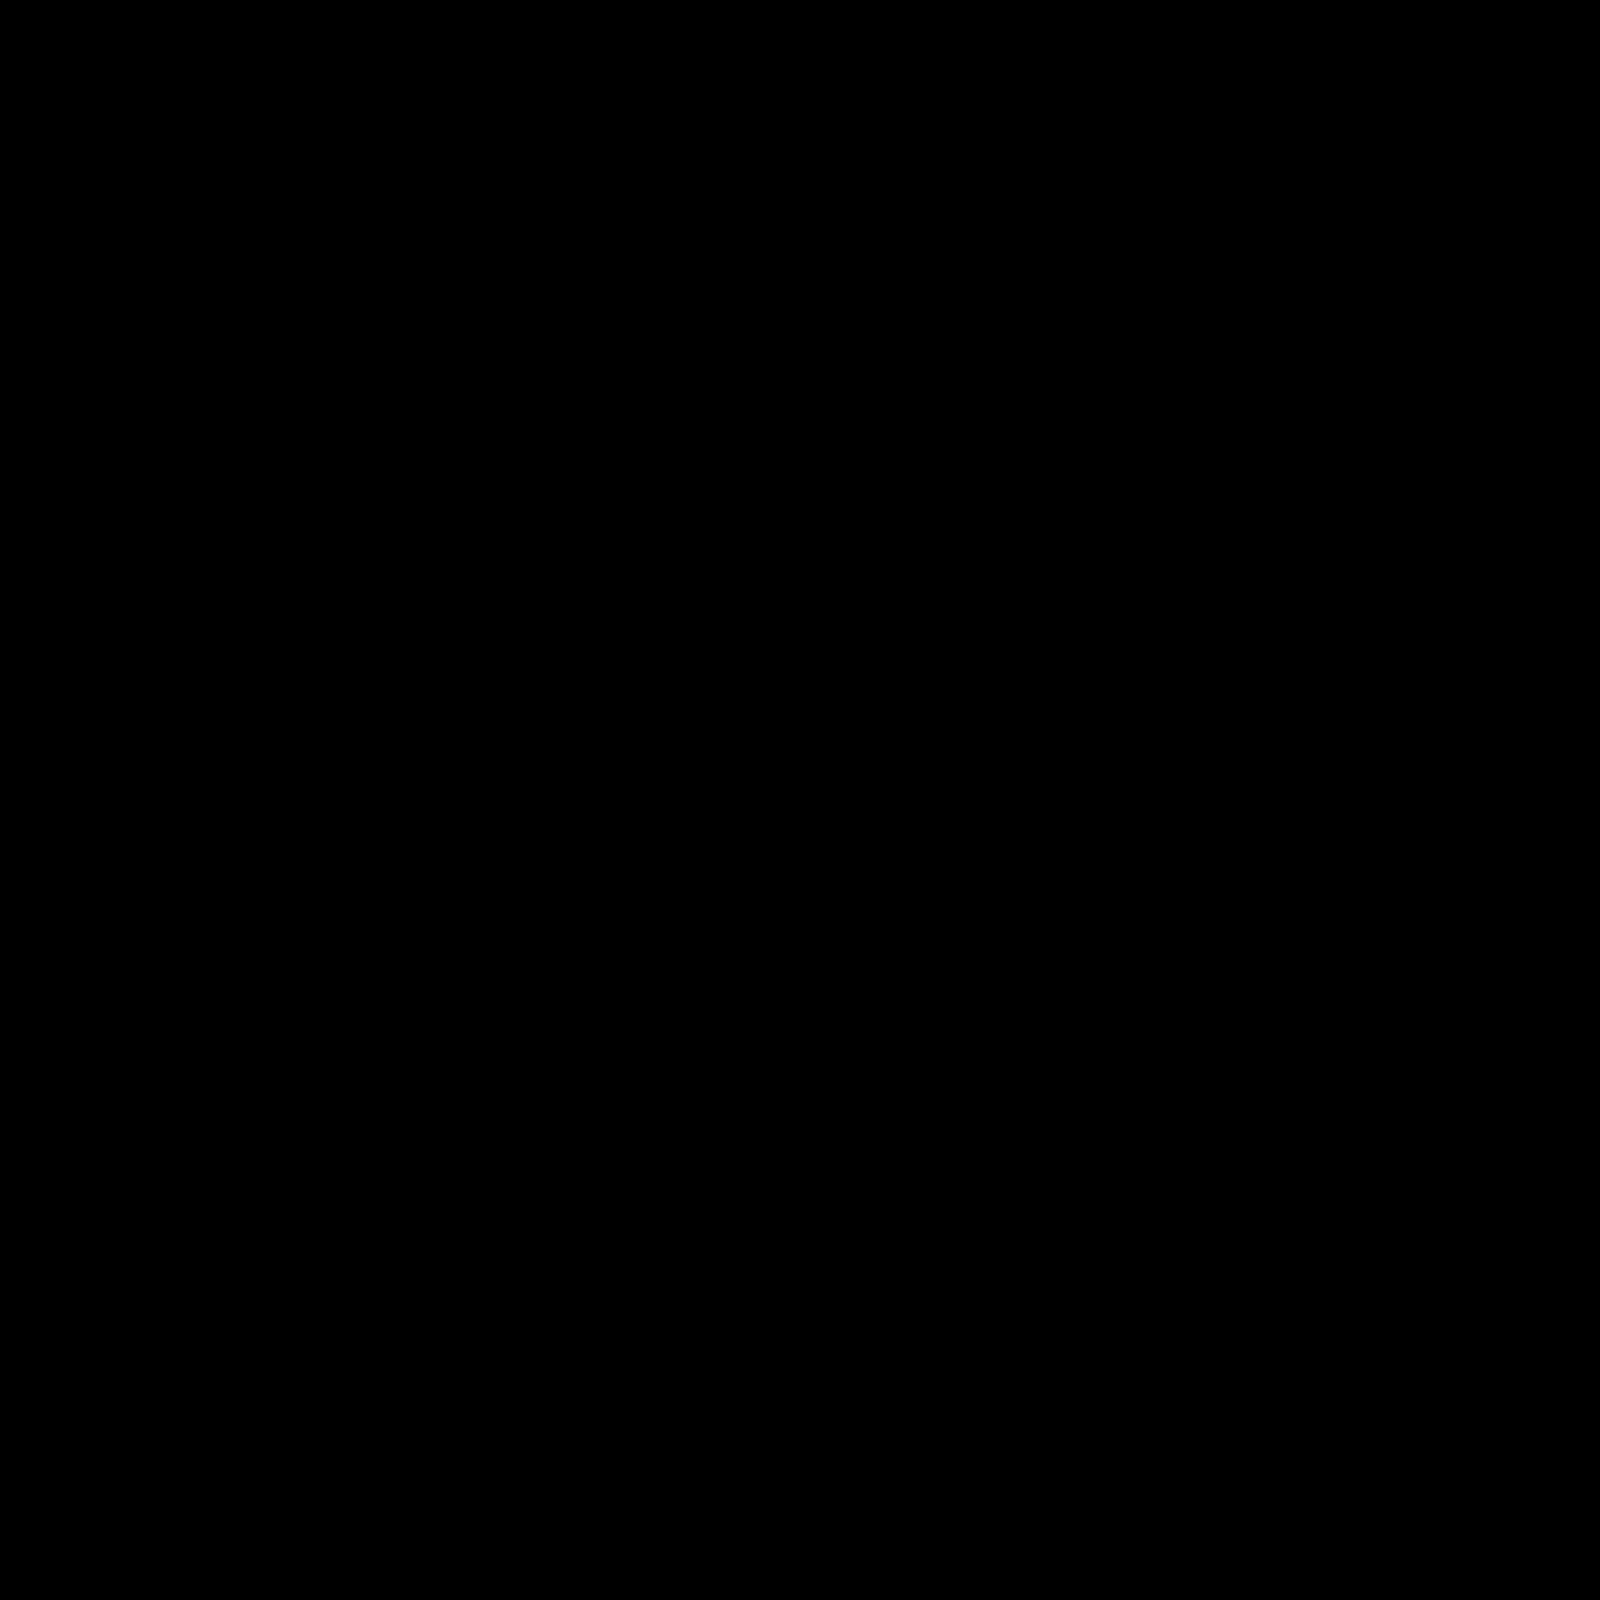 ポートレートモード icon. This is a silhouette of a woman facing profile. The woman is depicted with mid length hair and is wearing a wide brimmed hat. The face is oriented right and shows the woman from the shoulders up.